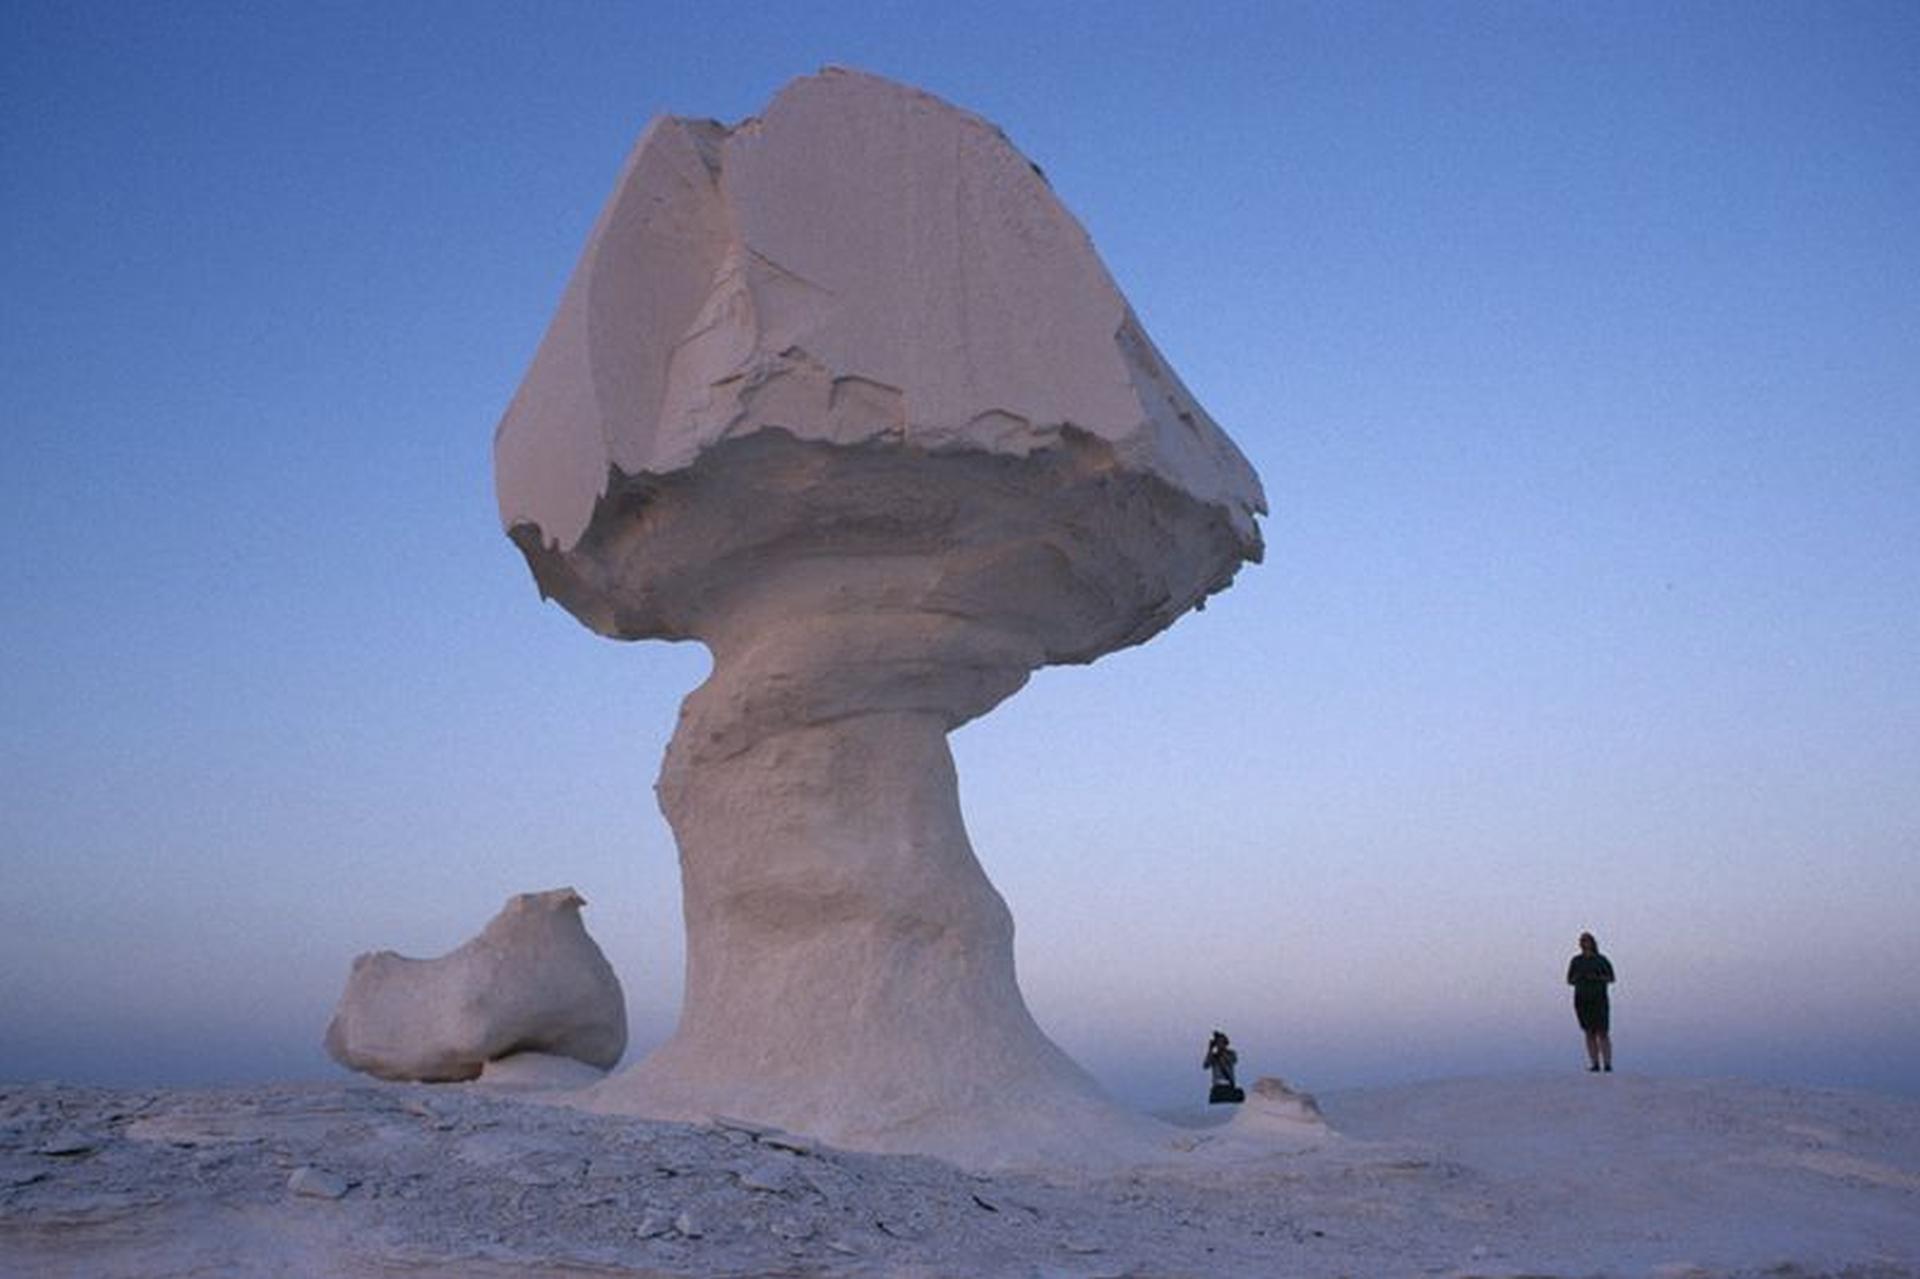 El desierto blanco o Sahara el Beyda (Egipto)